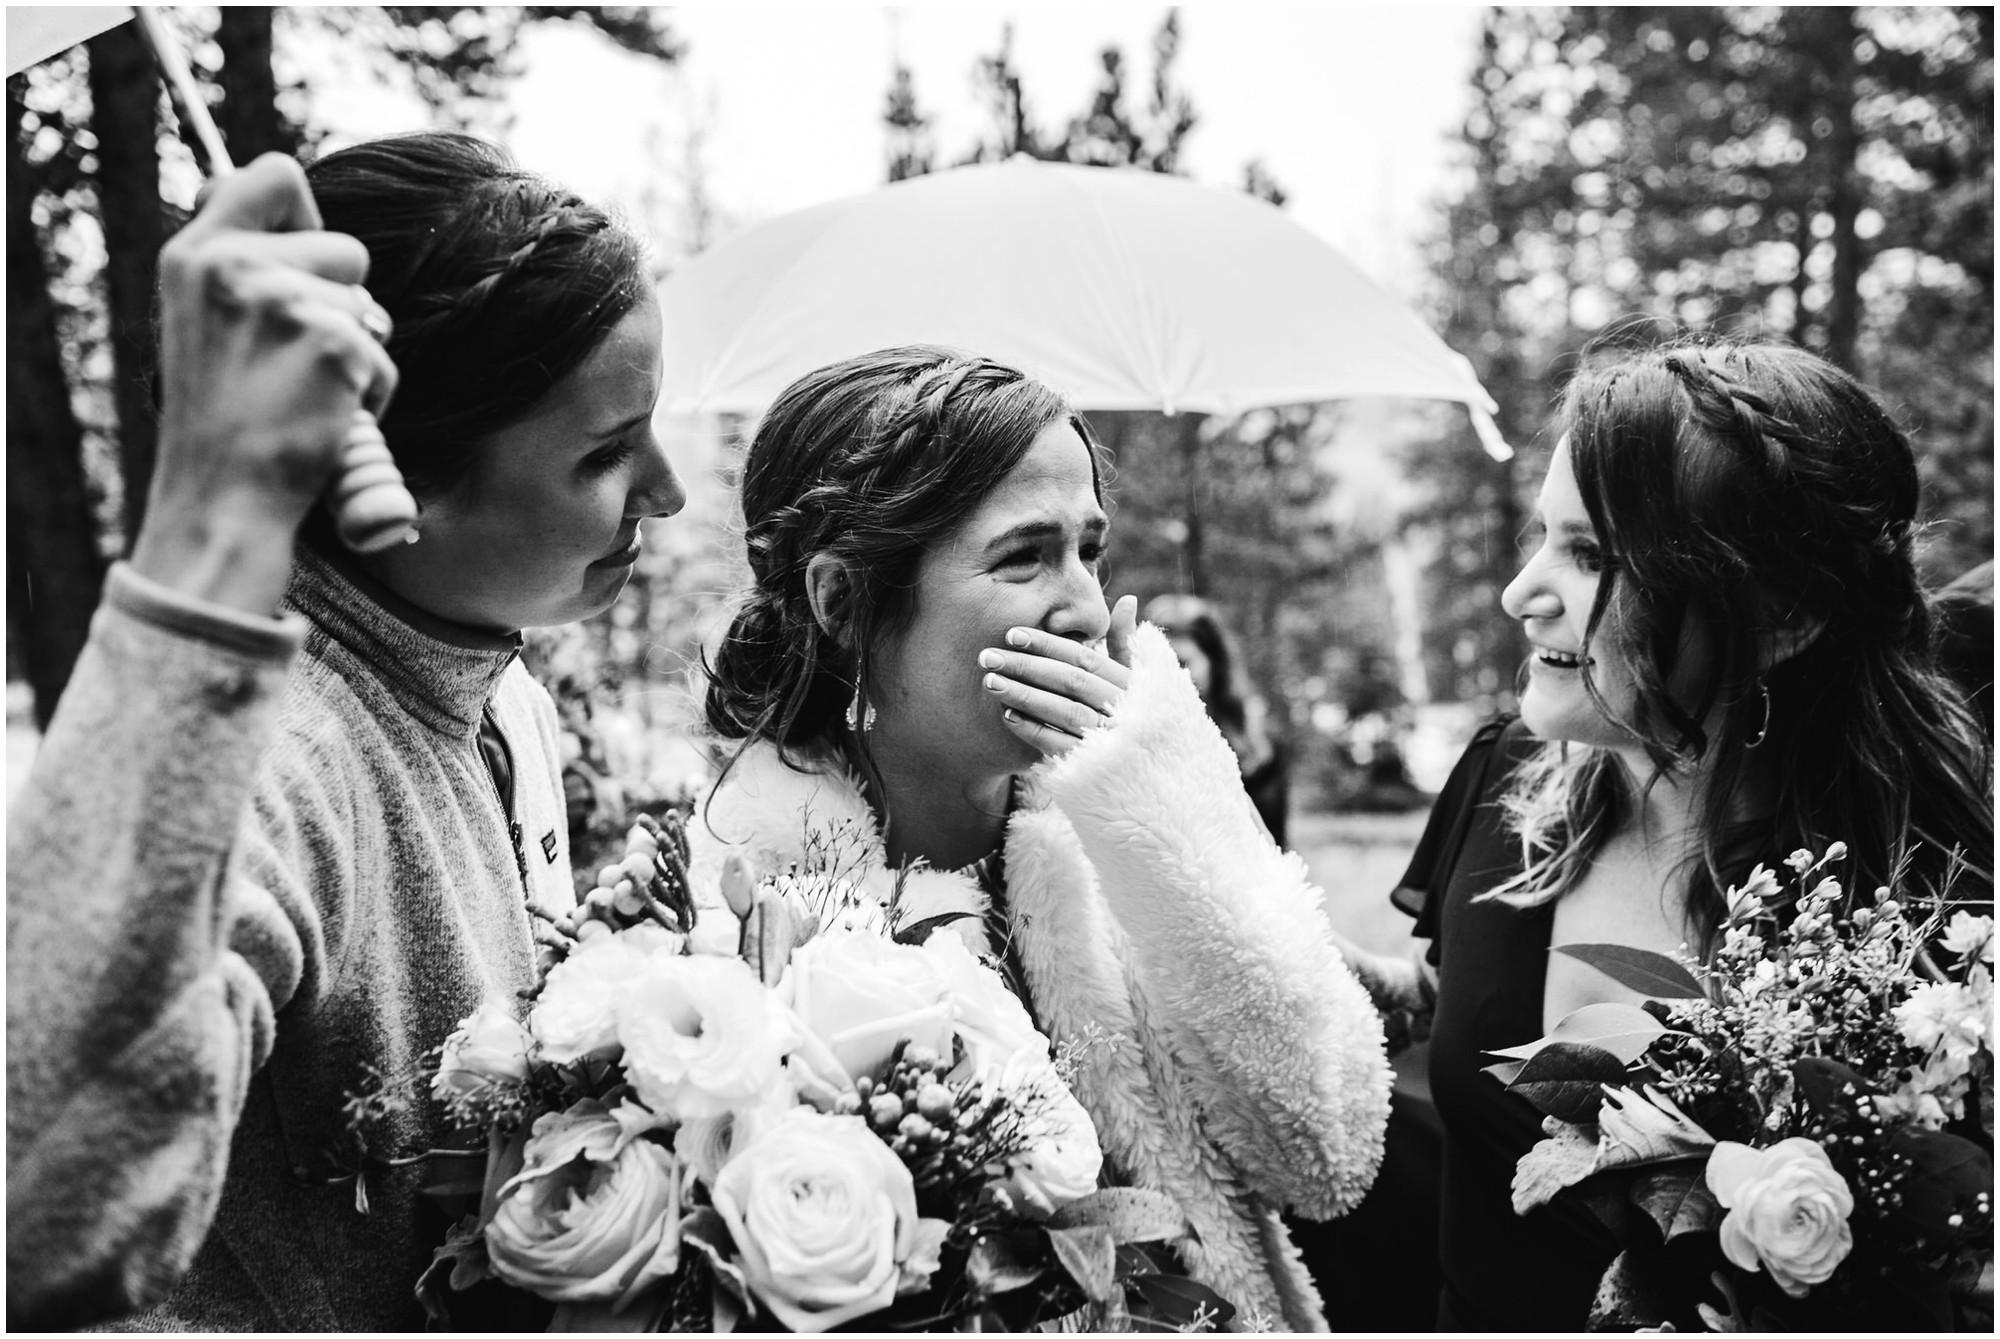 100-Estes-Park-Colorado-Fall-Wedding-Photography-bw.jpg